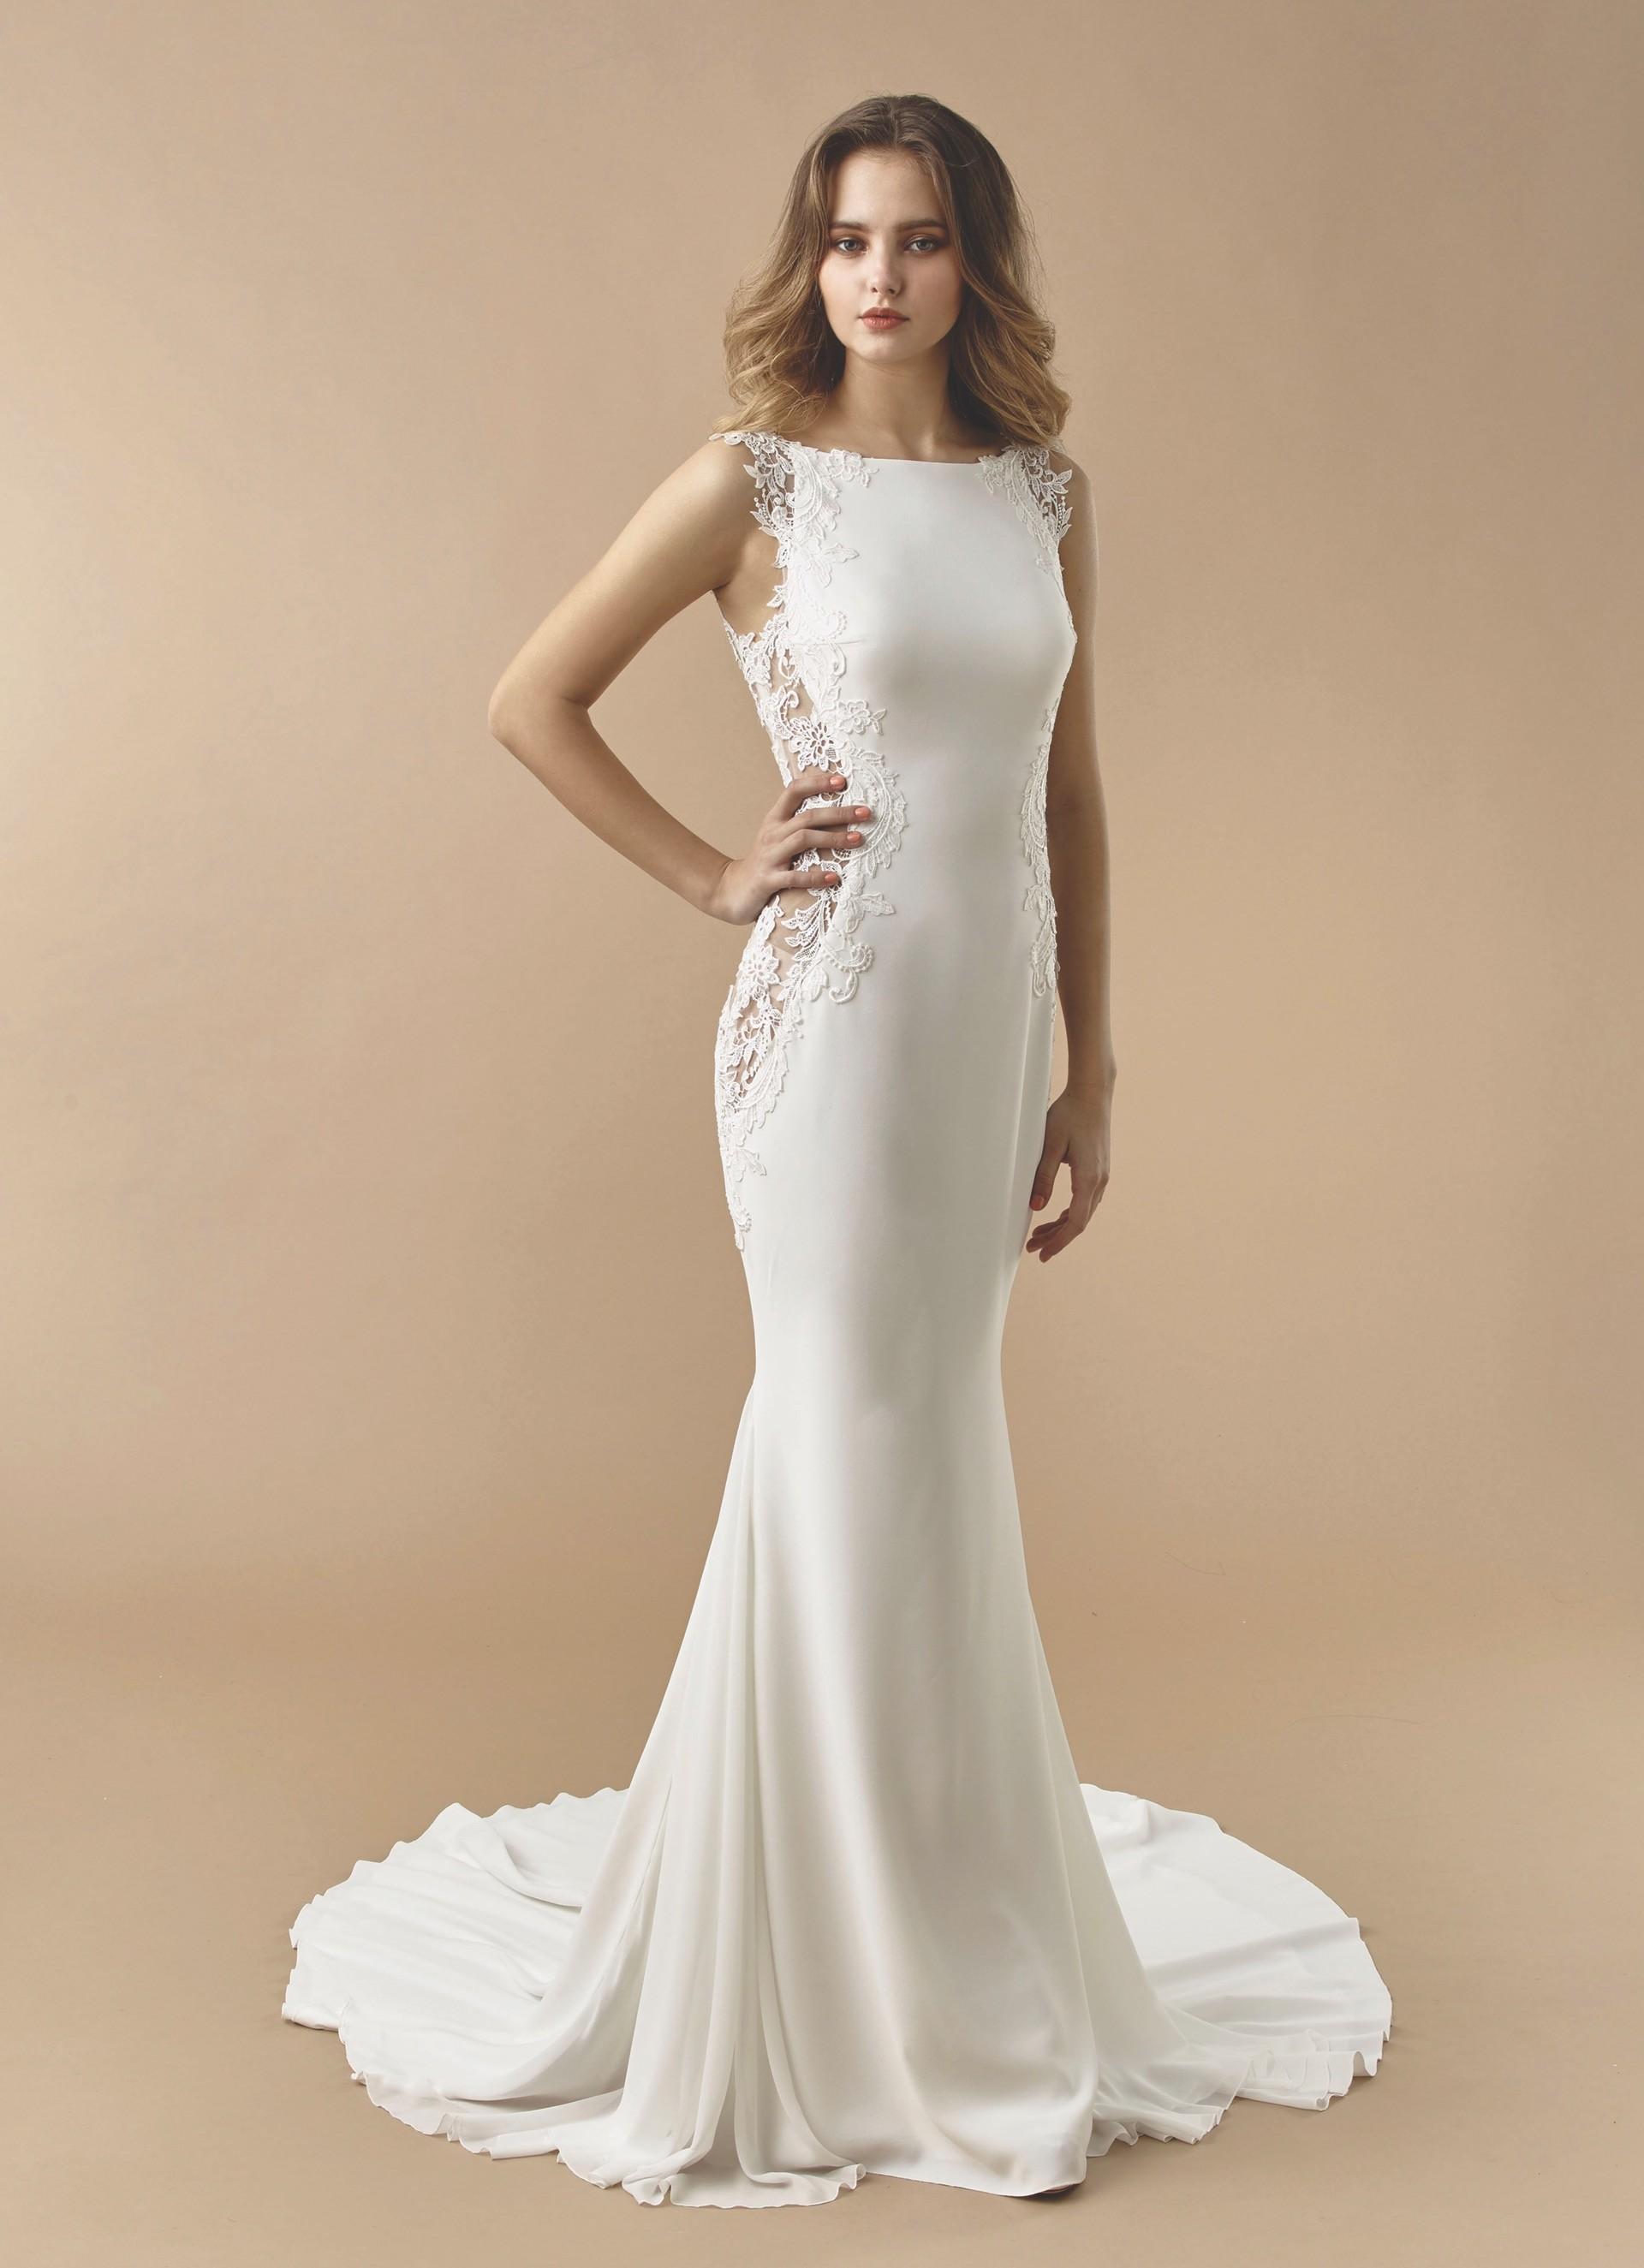 Brautkleid Modell BT20-19 von Beautiful Bridal